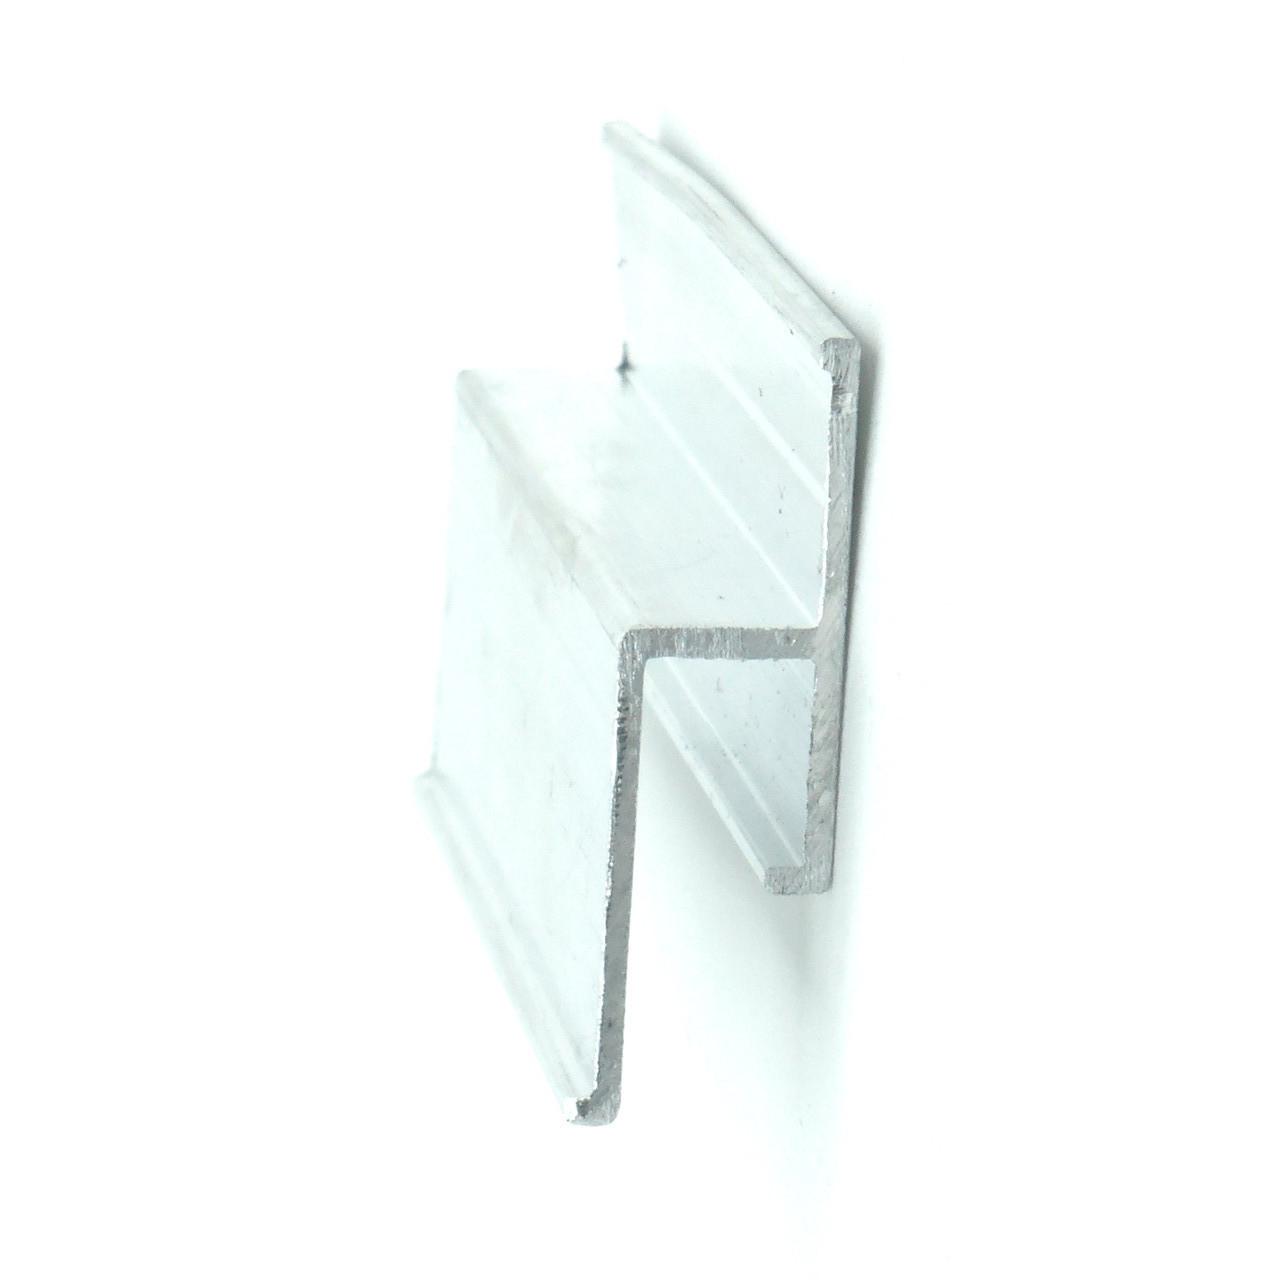 Профиль алюминиевый - Безвставочный. Длина профиля 2,5 м.